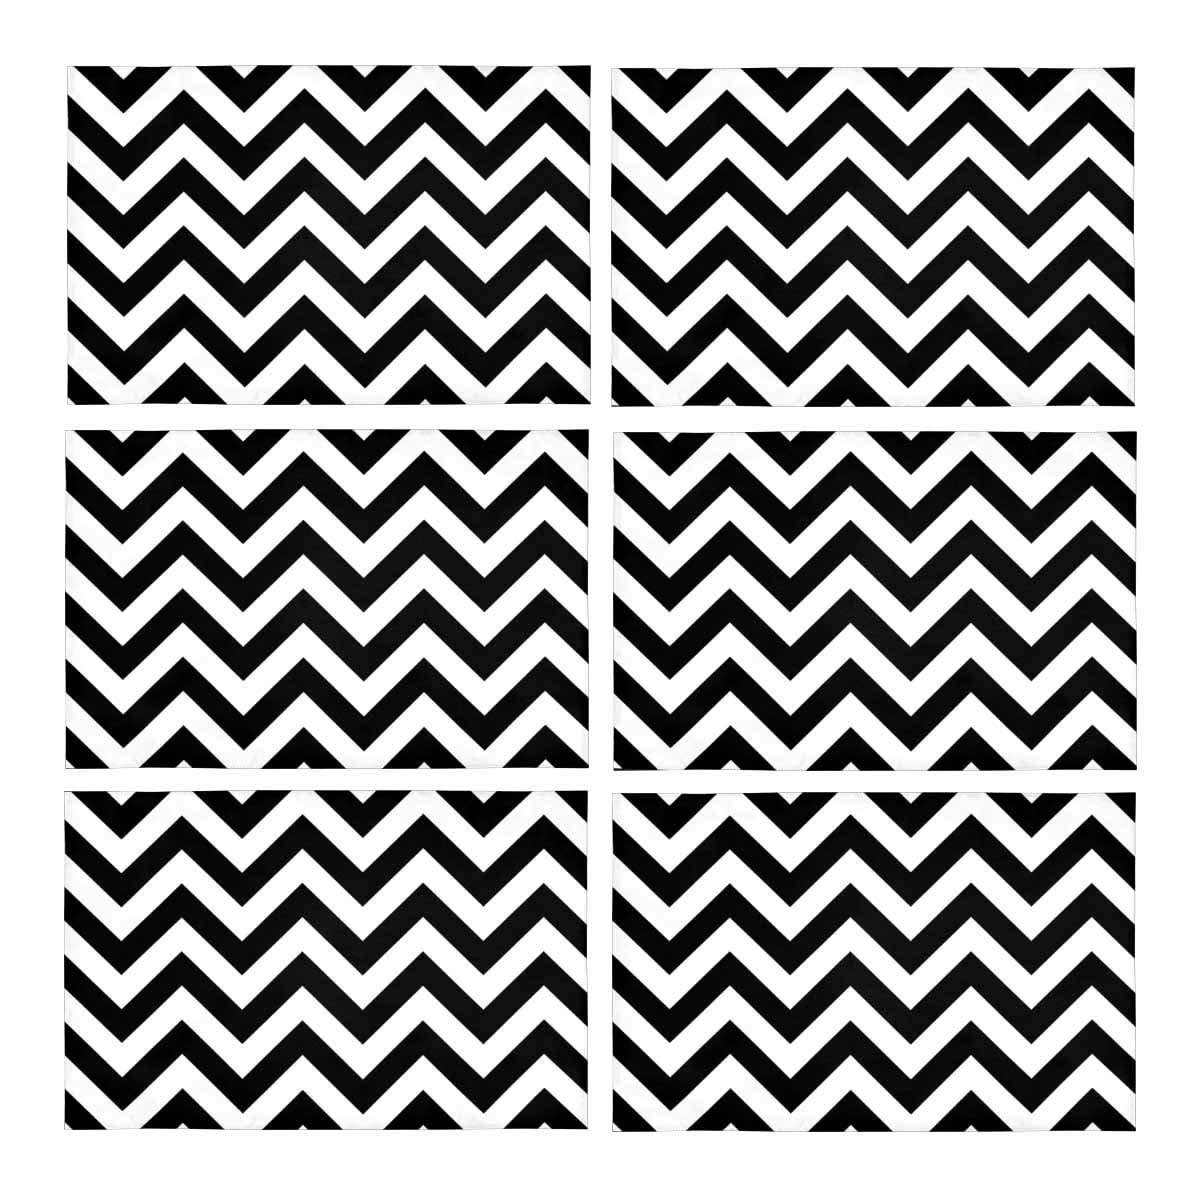 Zig Zag Kitchen: MKHERT Fashion Chevron Zig Zag Black And White Placemats